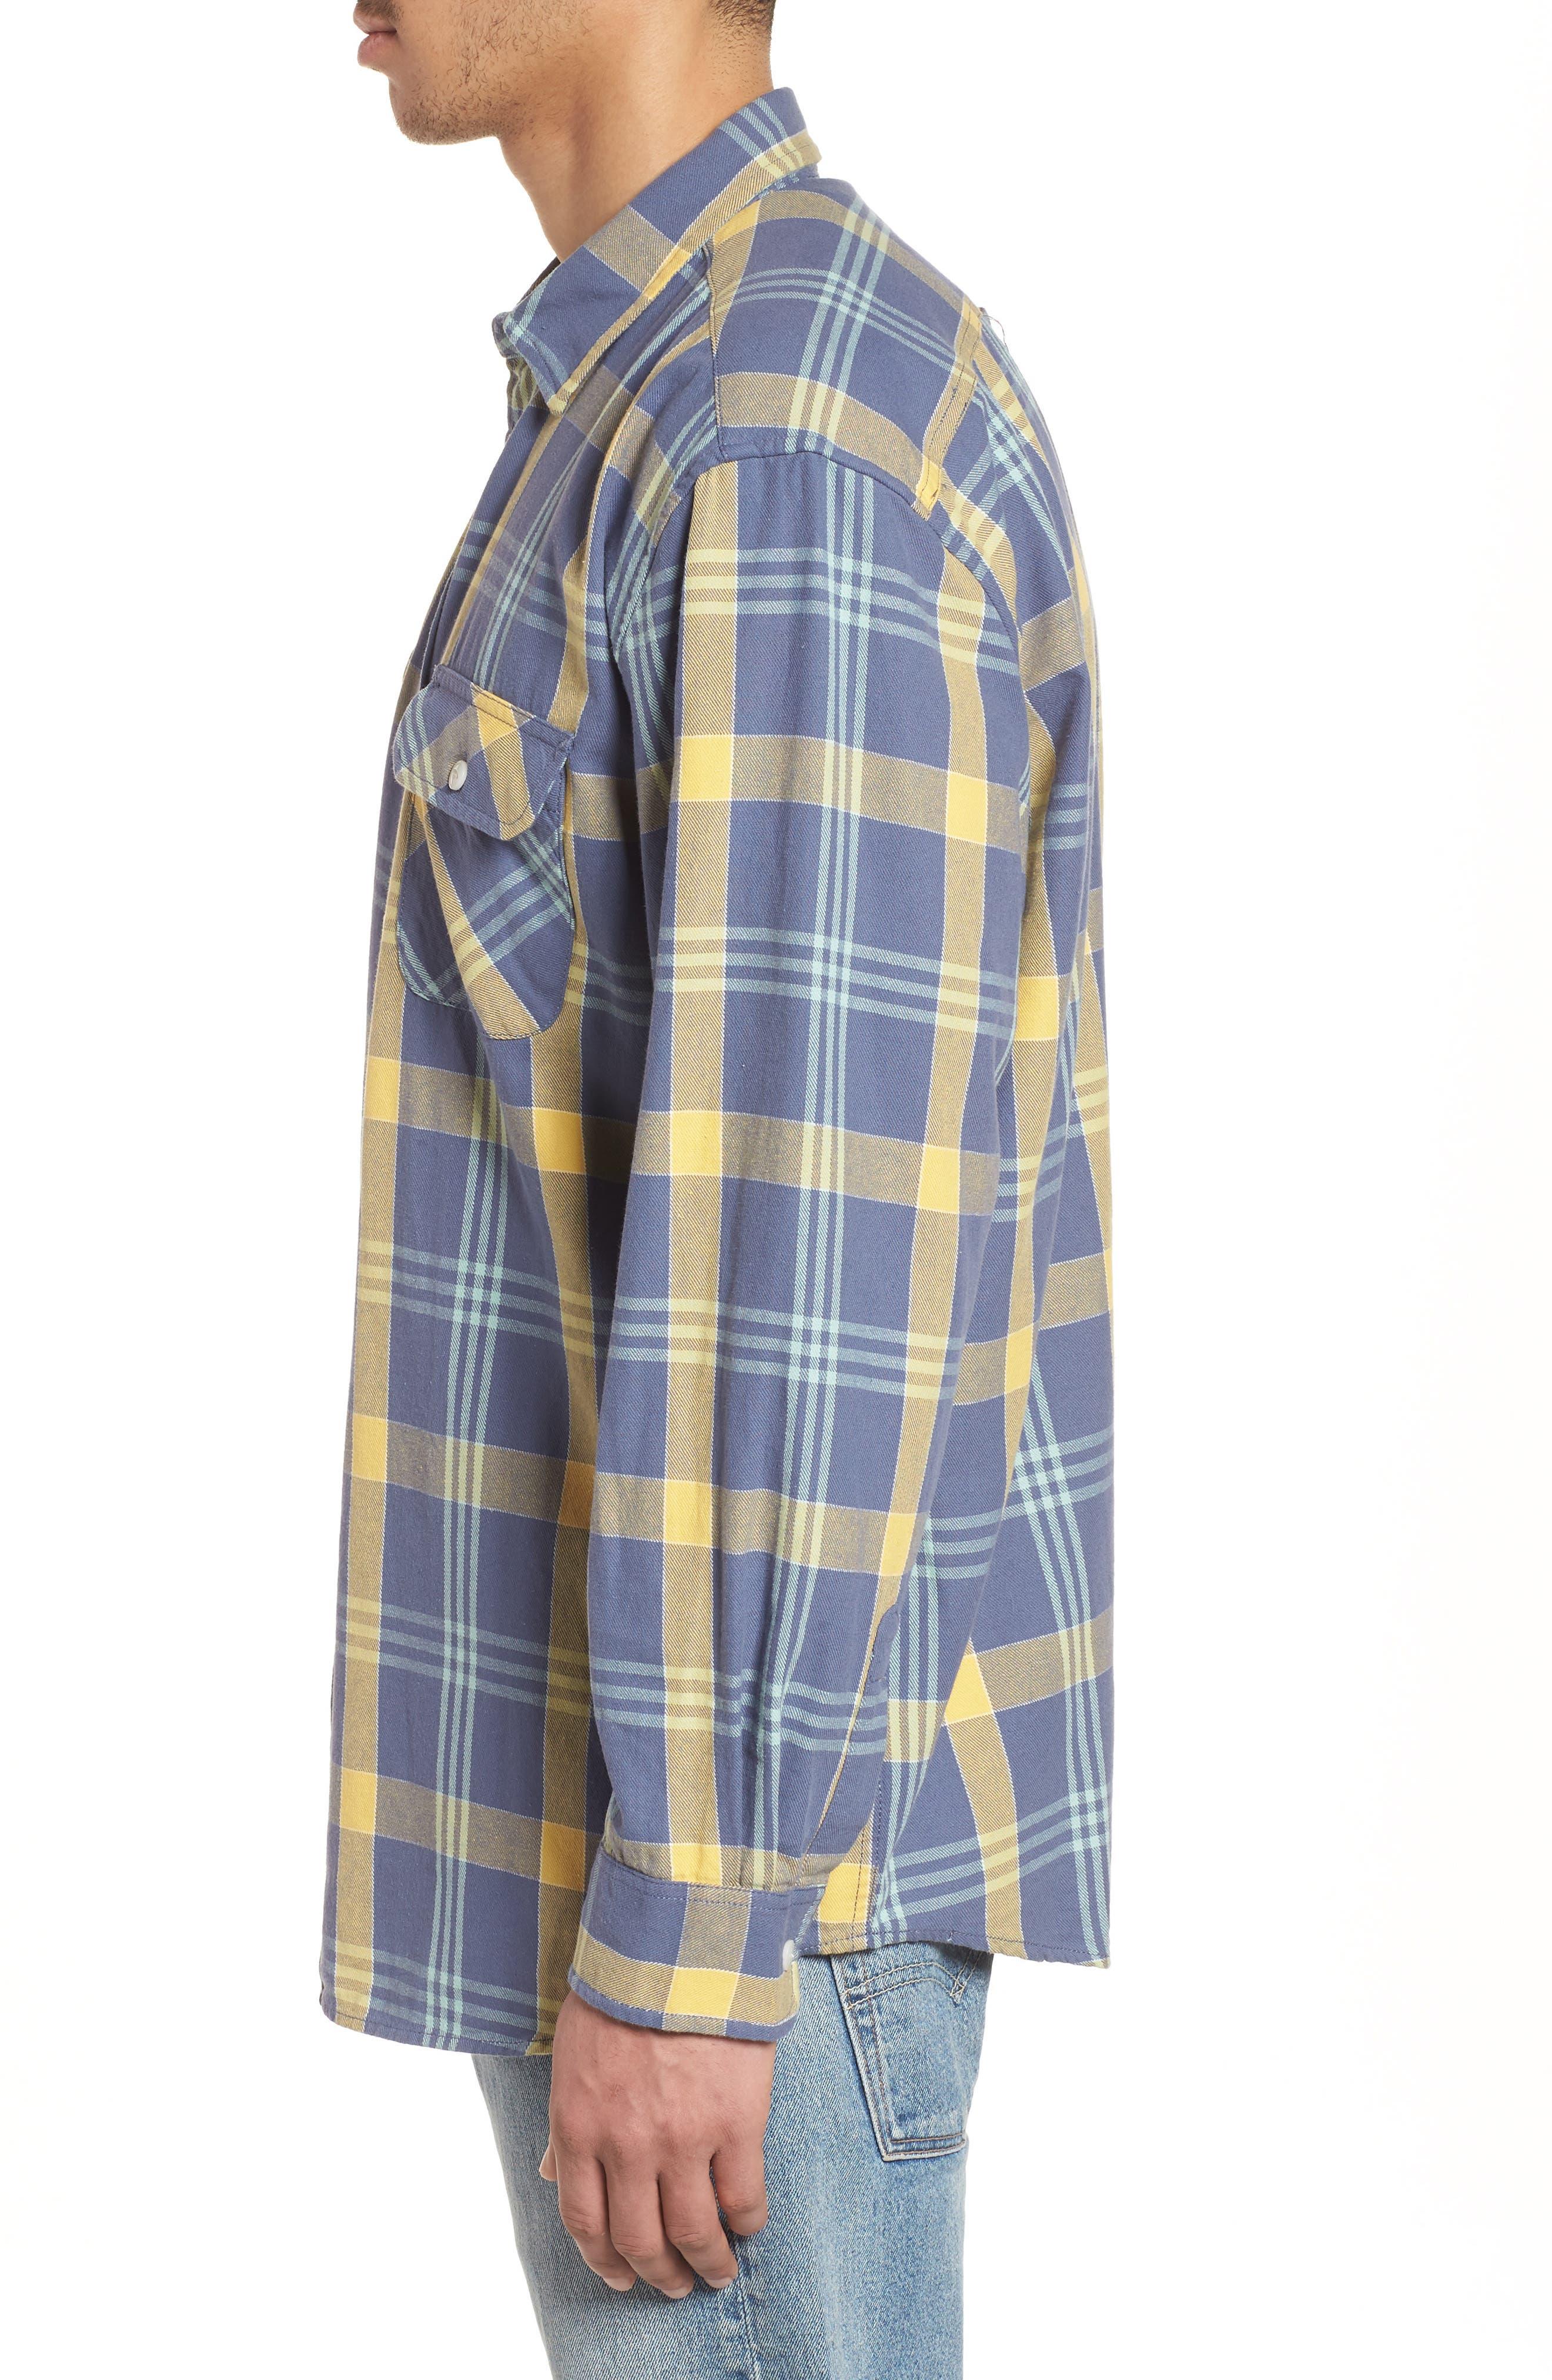 Beach Shack Twill Shirt,                             Alternate thumbnail 3, color,                             65310 Indigo/Orche Plaid